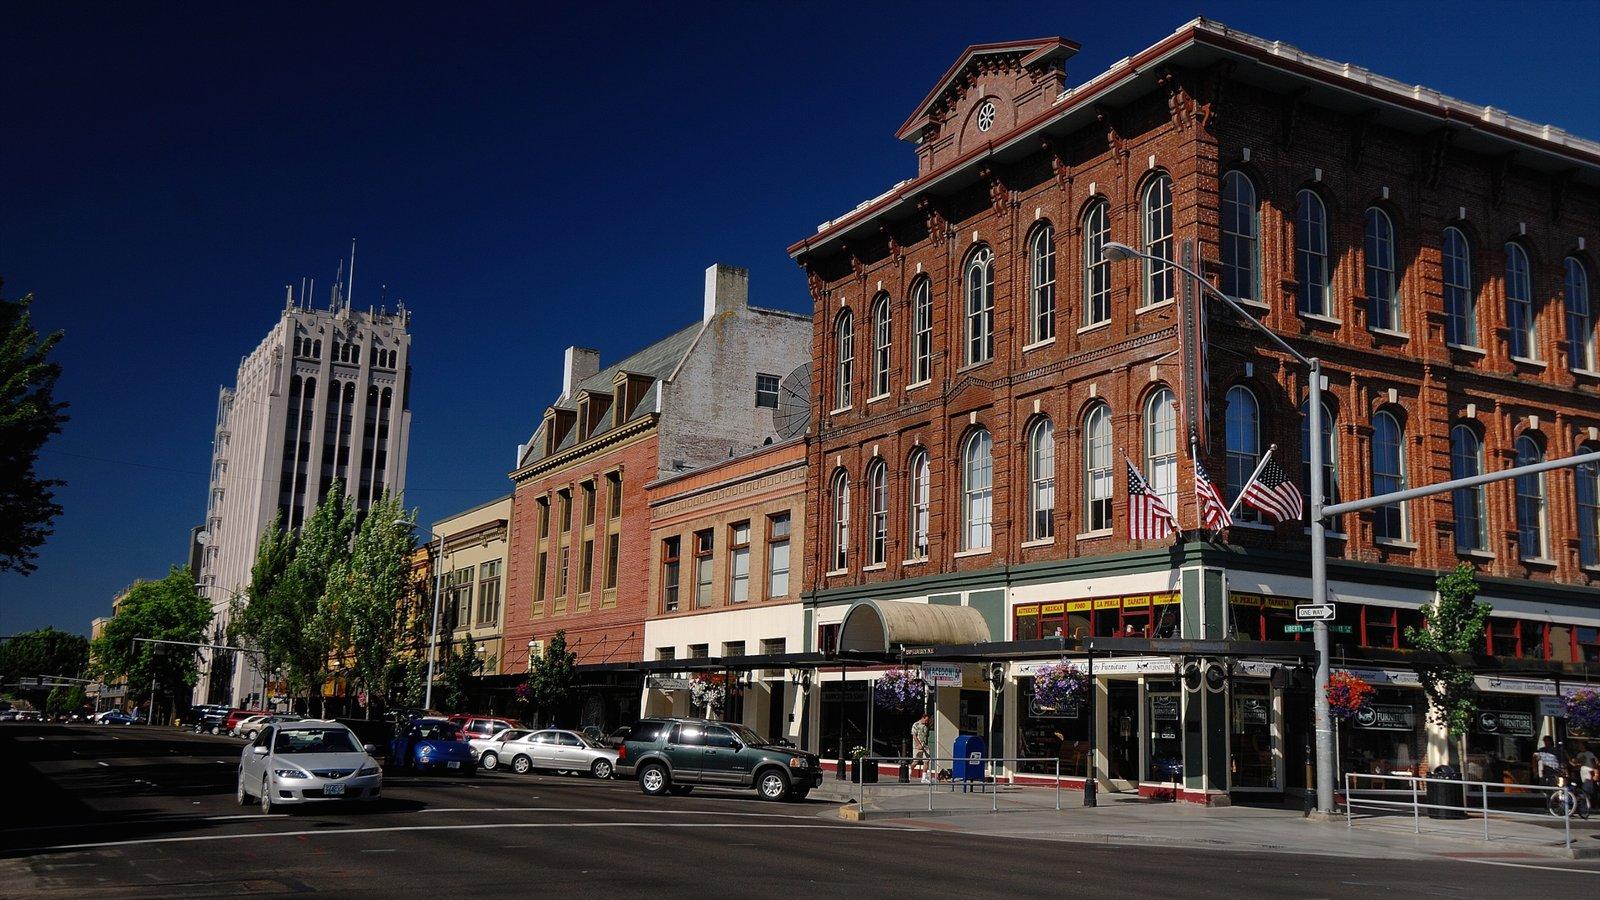 Salem que incluye escenas urbanas y una ciudad